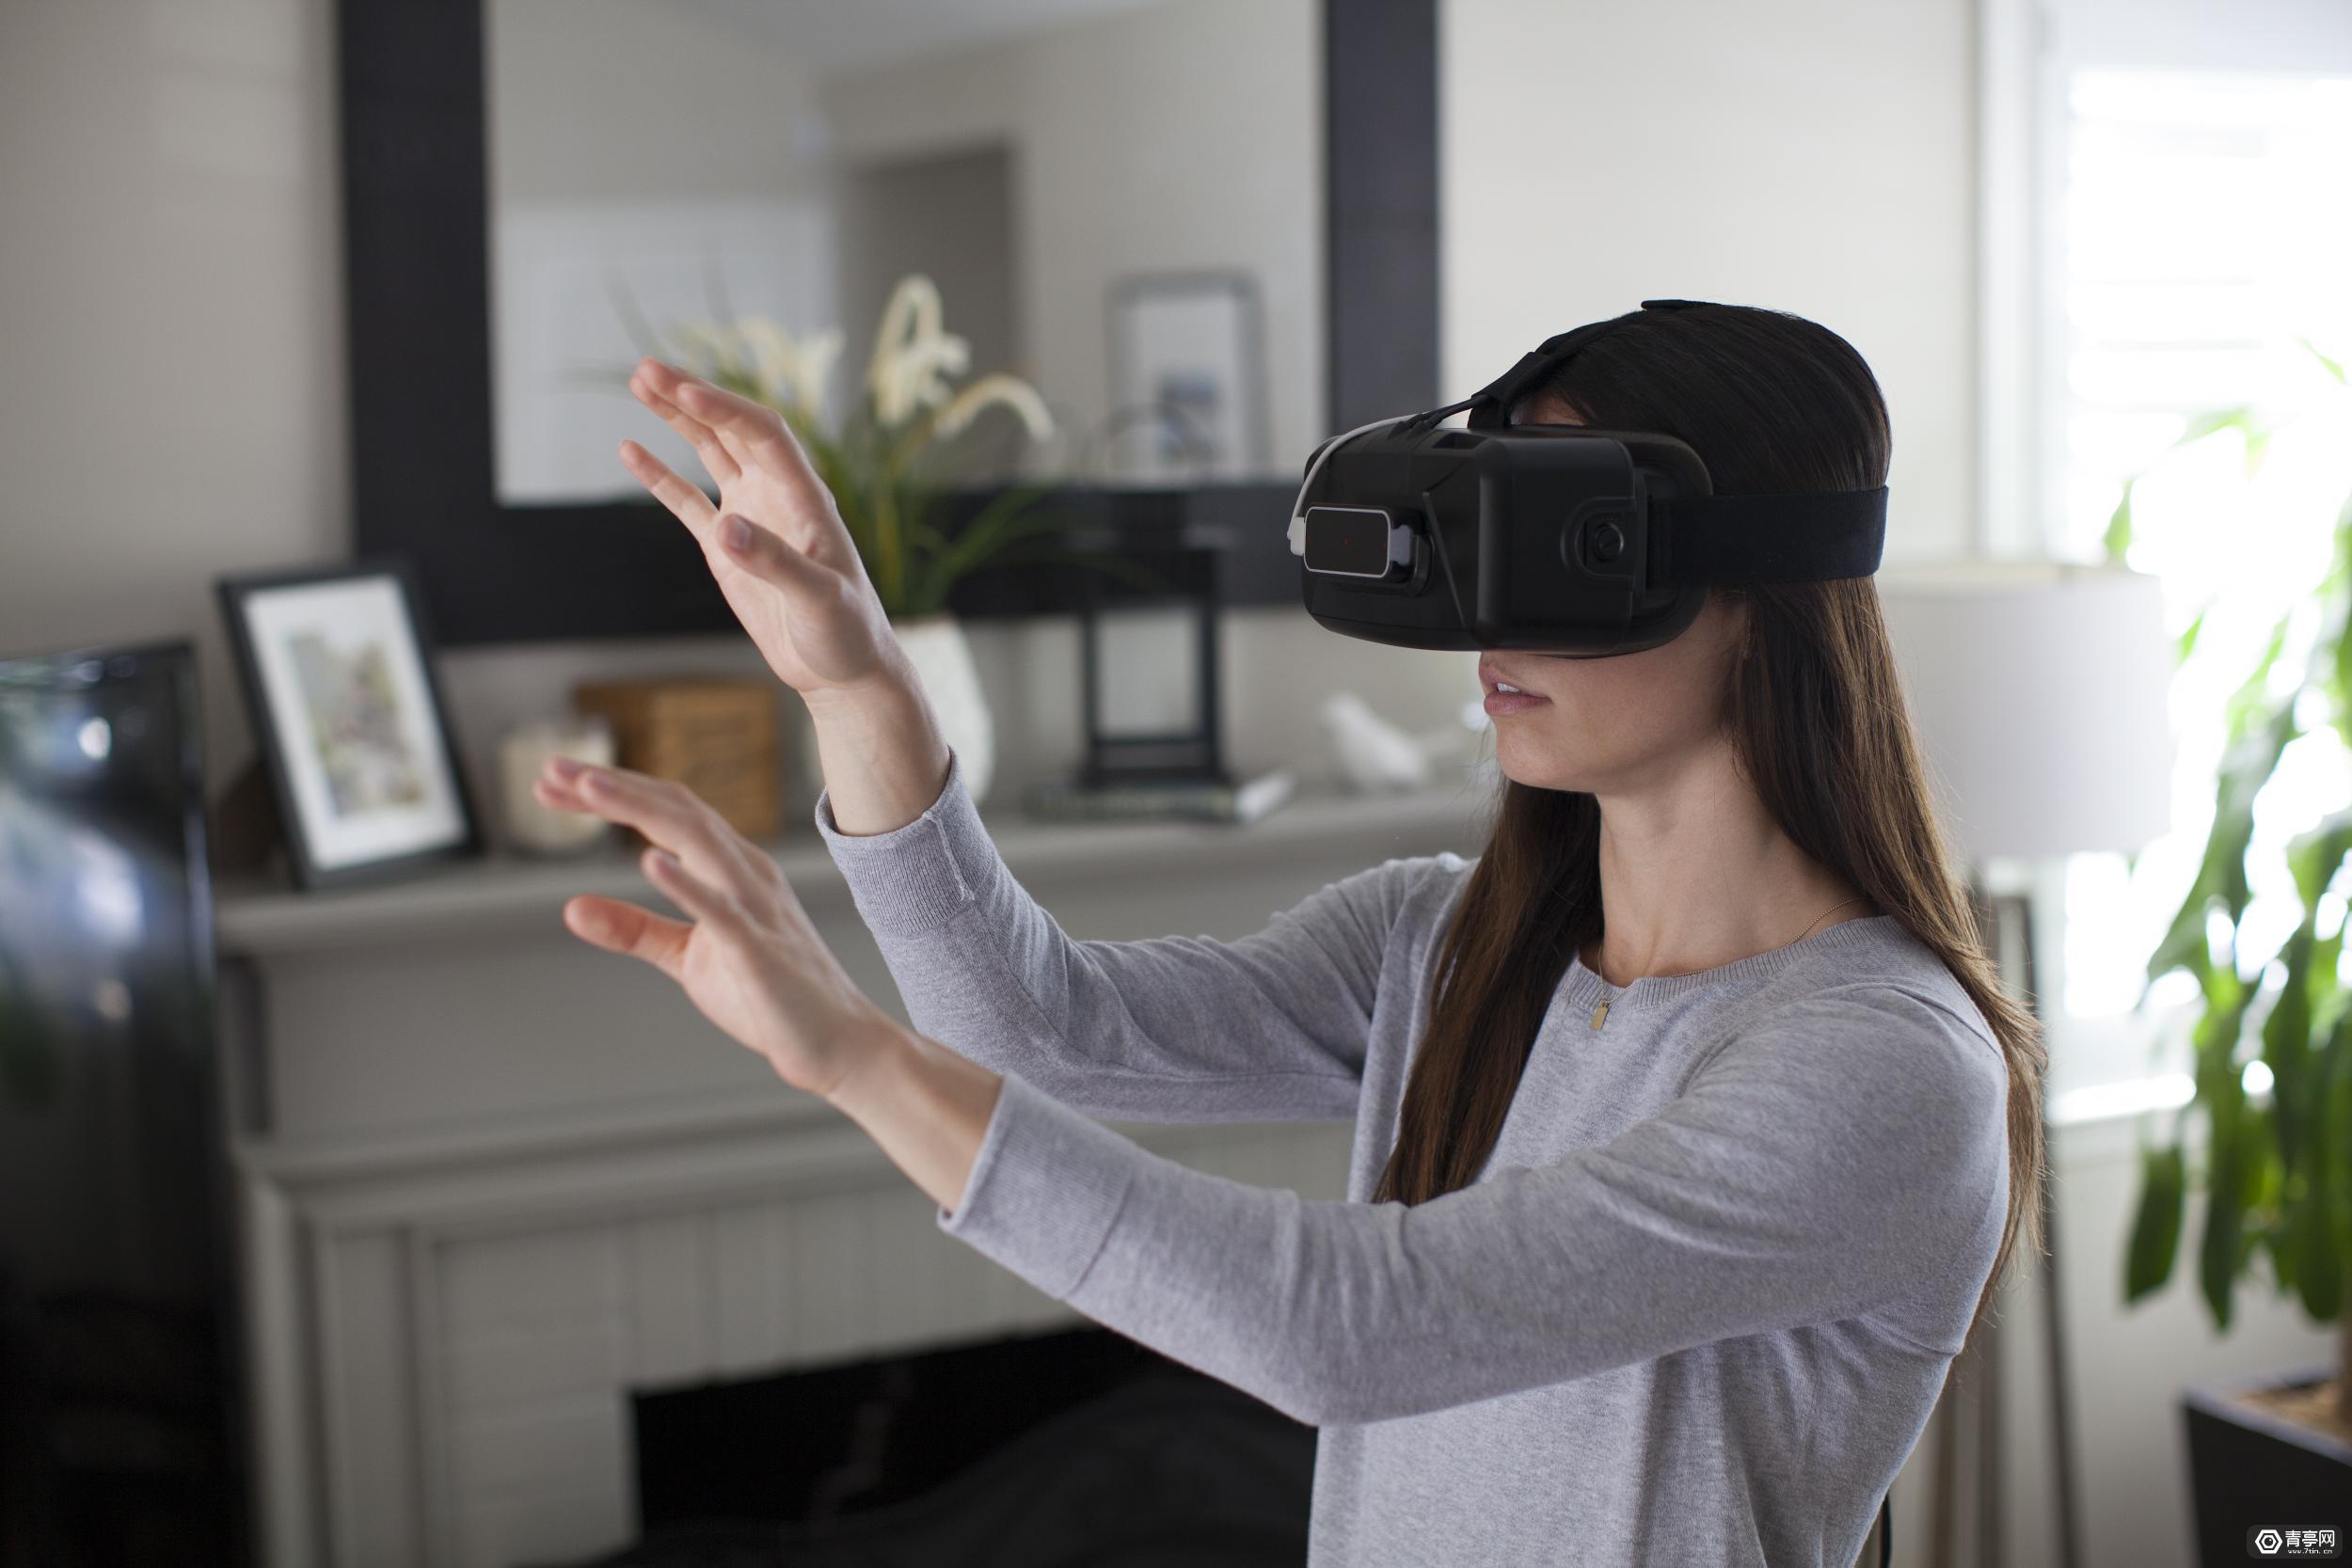 独家专访 | 坚定看好VR/AR,手势识别巨头Leap Motion入华,挑战机遇并存?